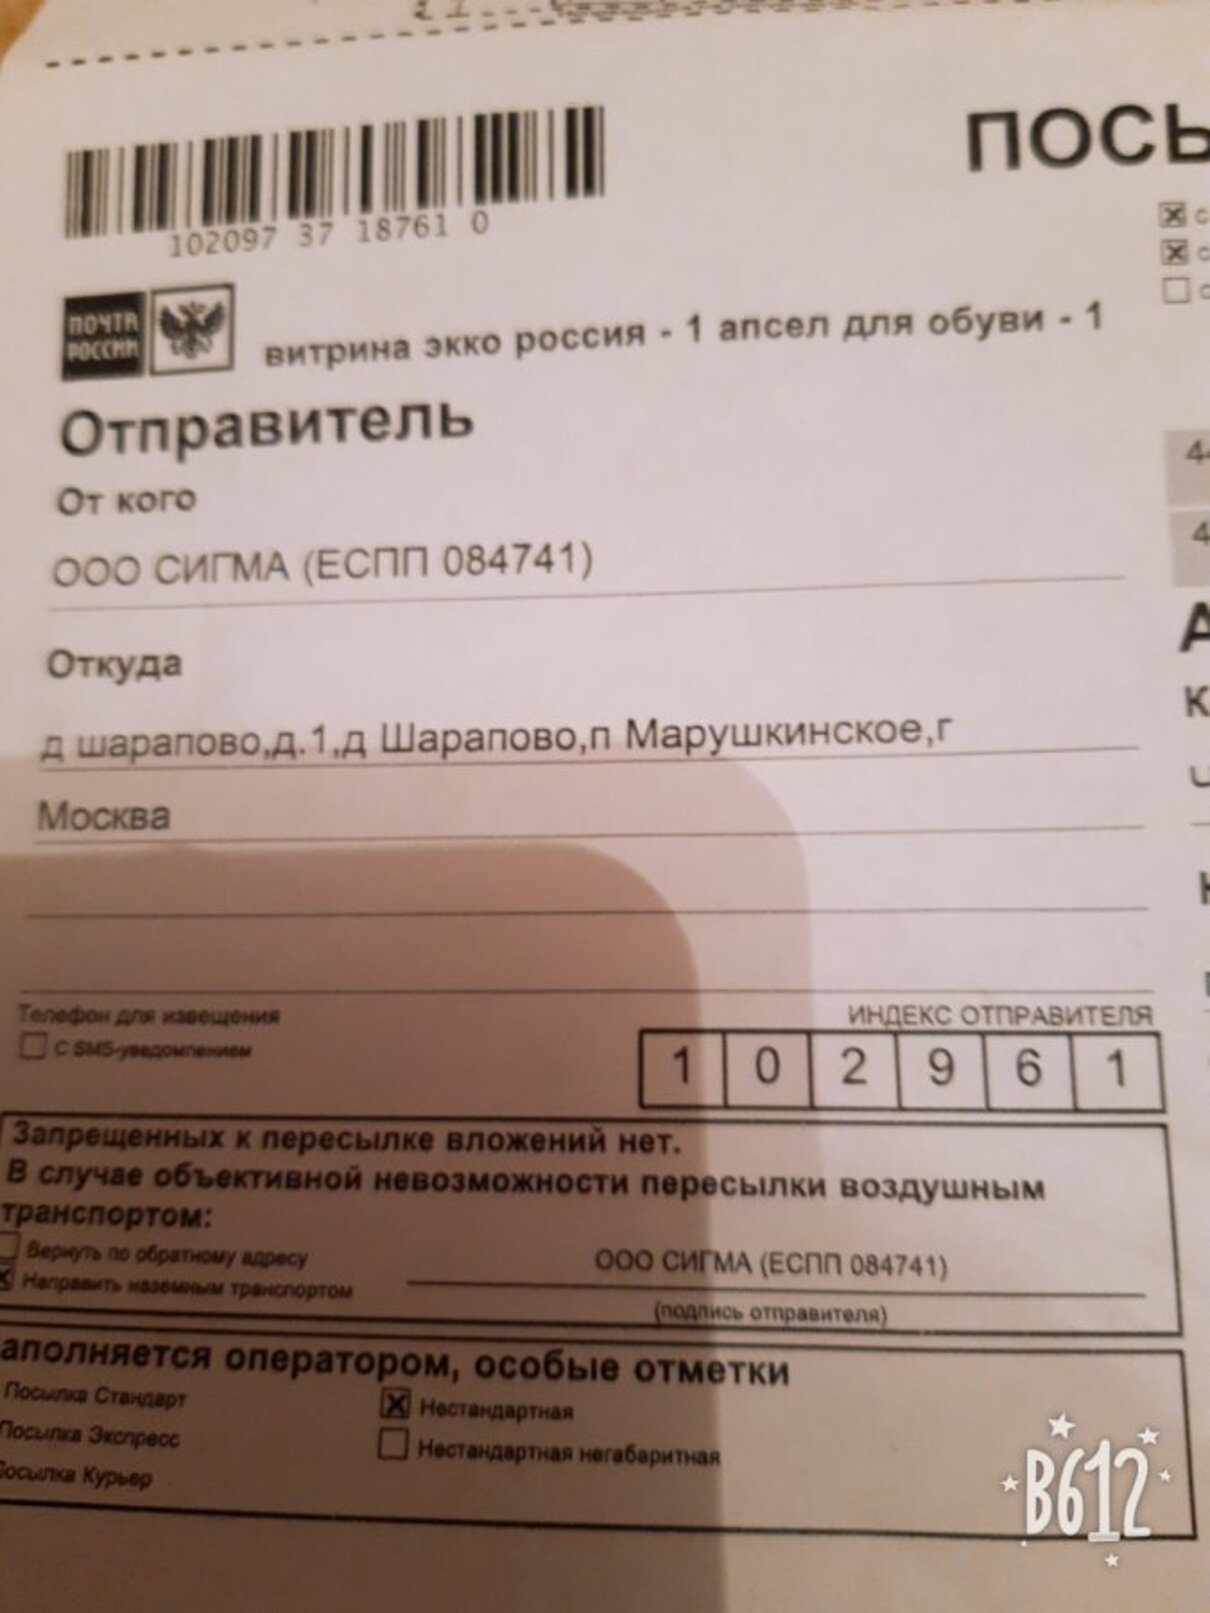 Жалоба-отзыв: ООО Сигма - Мошенники ООО Сигма.  Фото №2